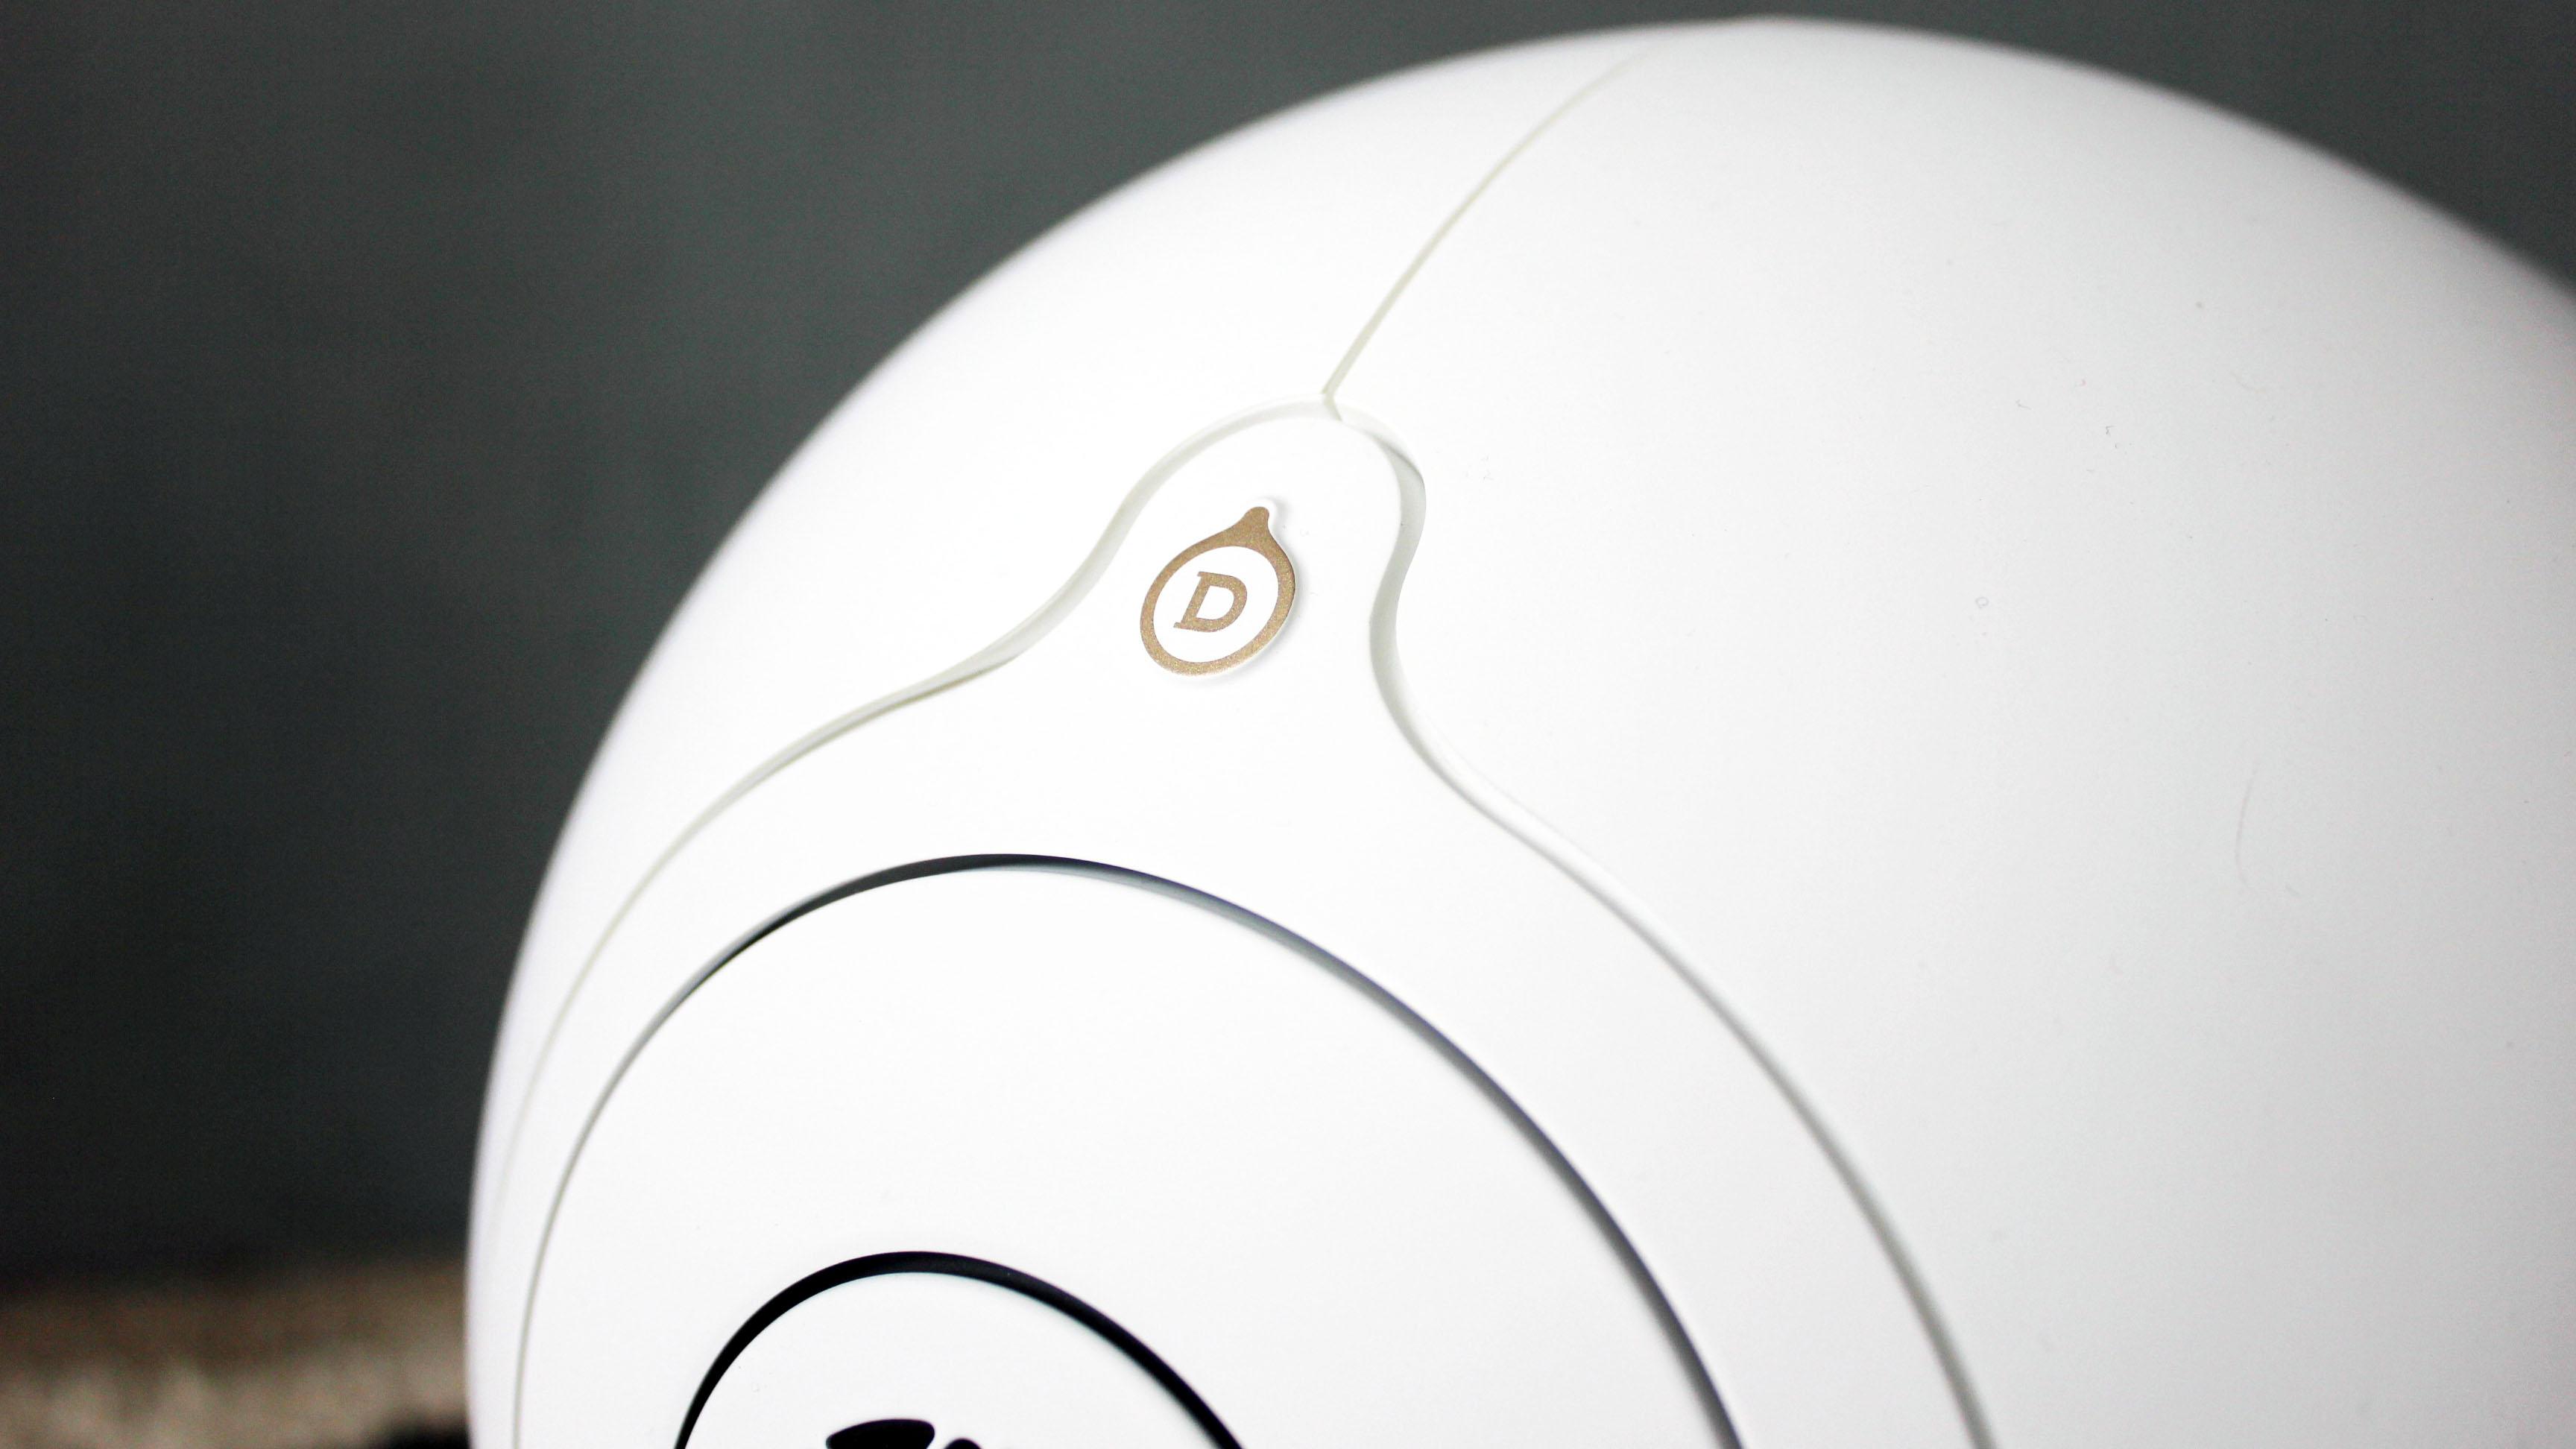 devialet phantom speakers